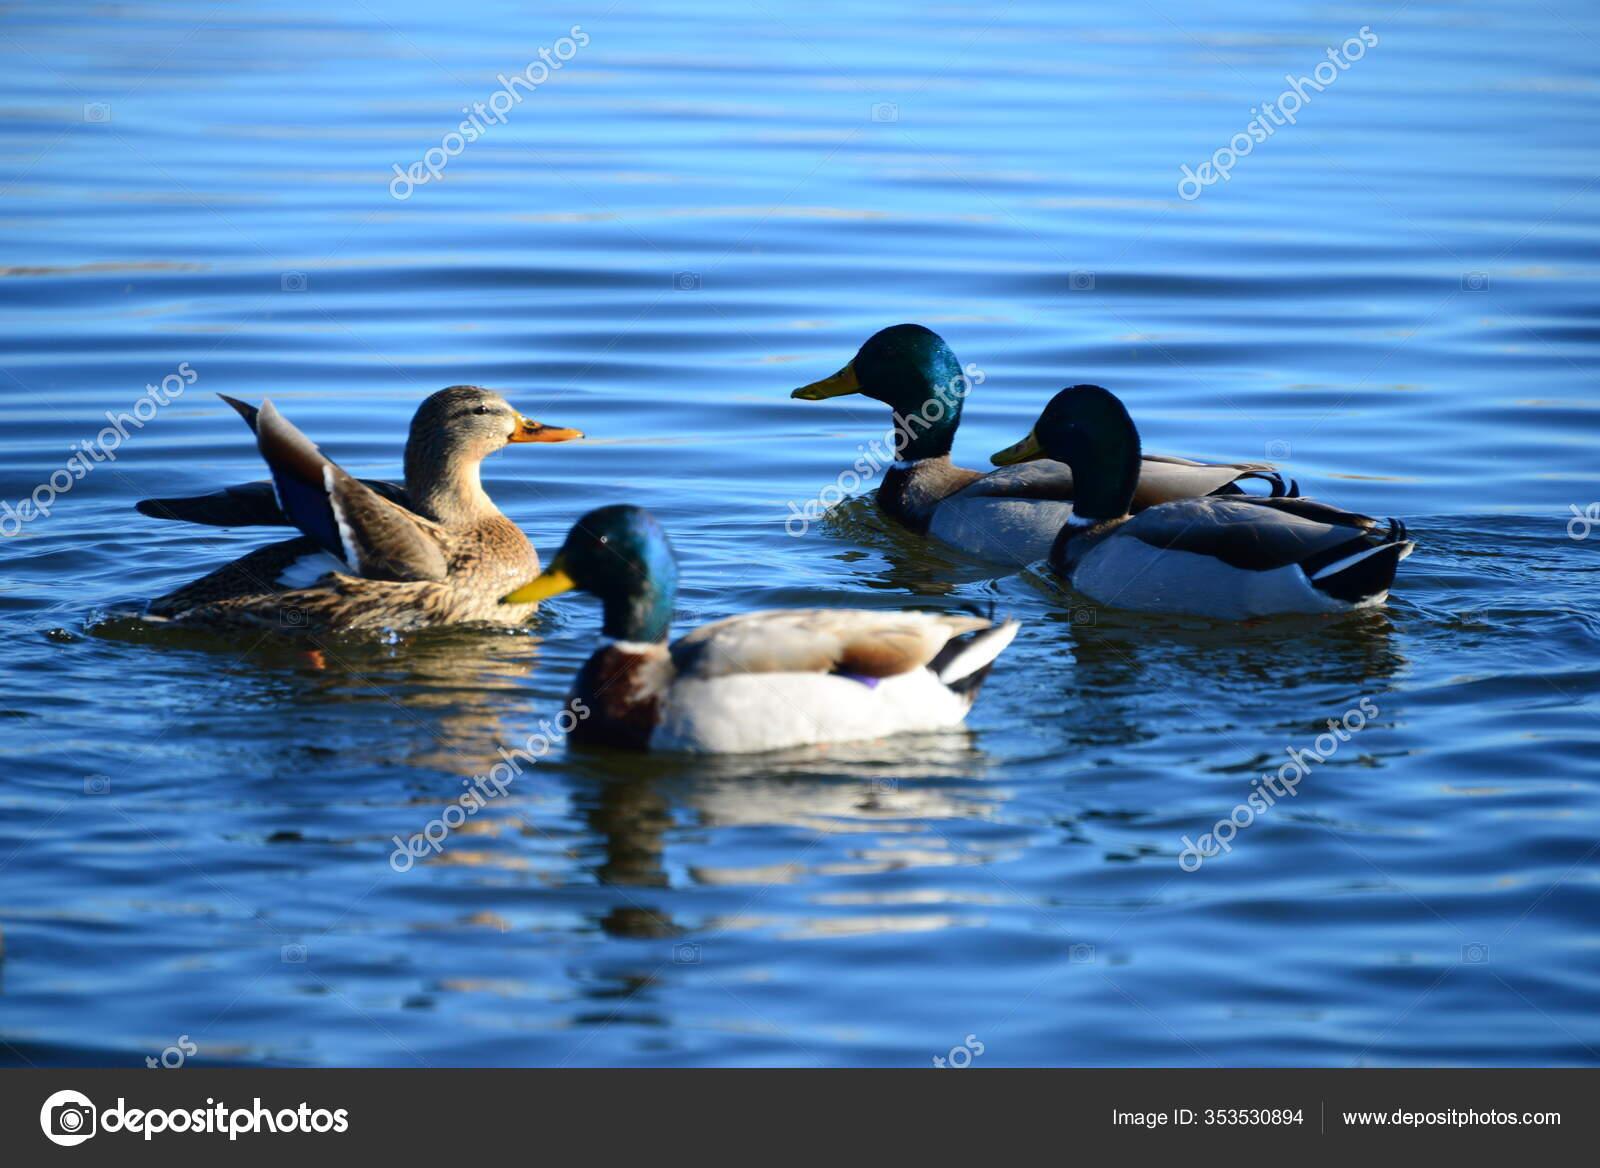 Dammen Vand Ænder Fugle Dyreliv Natur  Fauna — Stock-foto © PantherMediaSeller #353530894